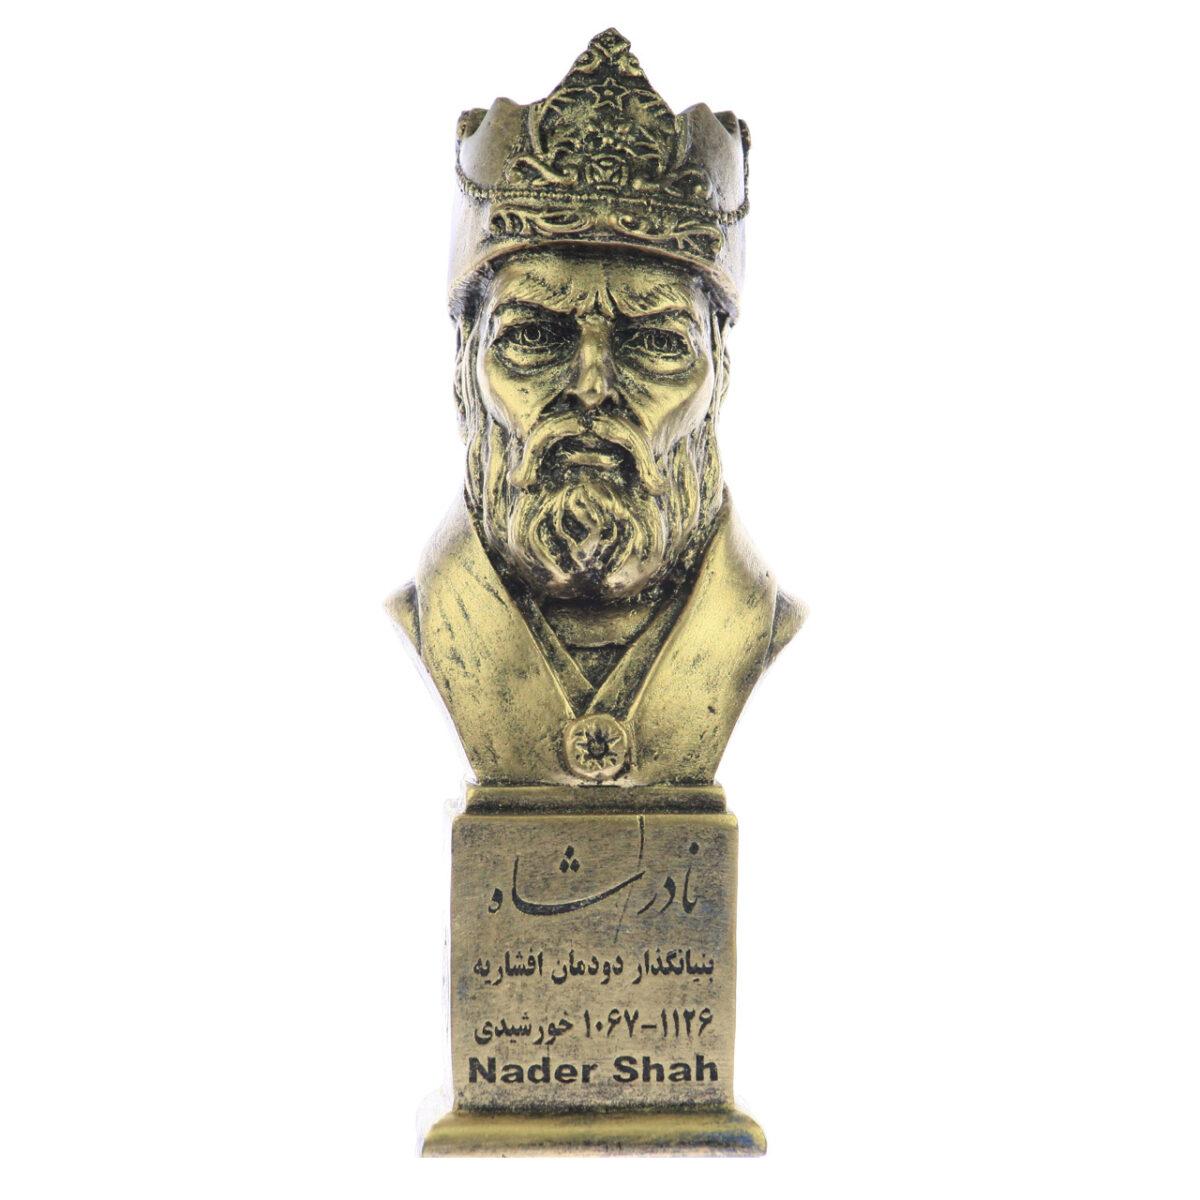 nader shah b 1200x1200 - سردیس نادر شاه افشار